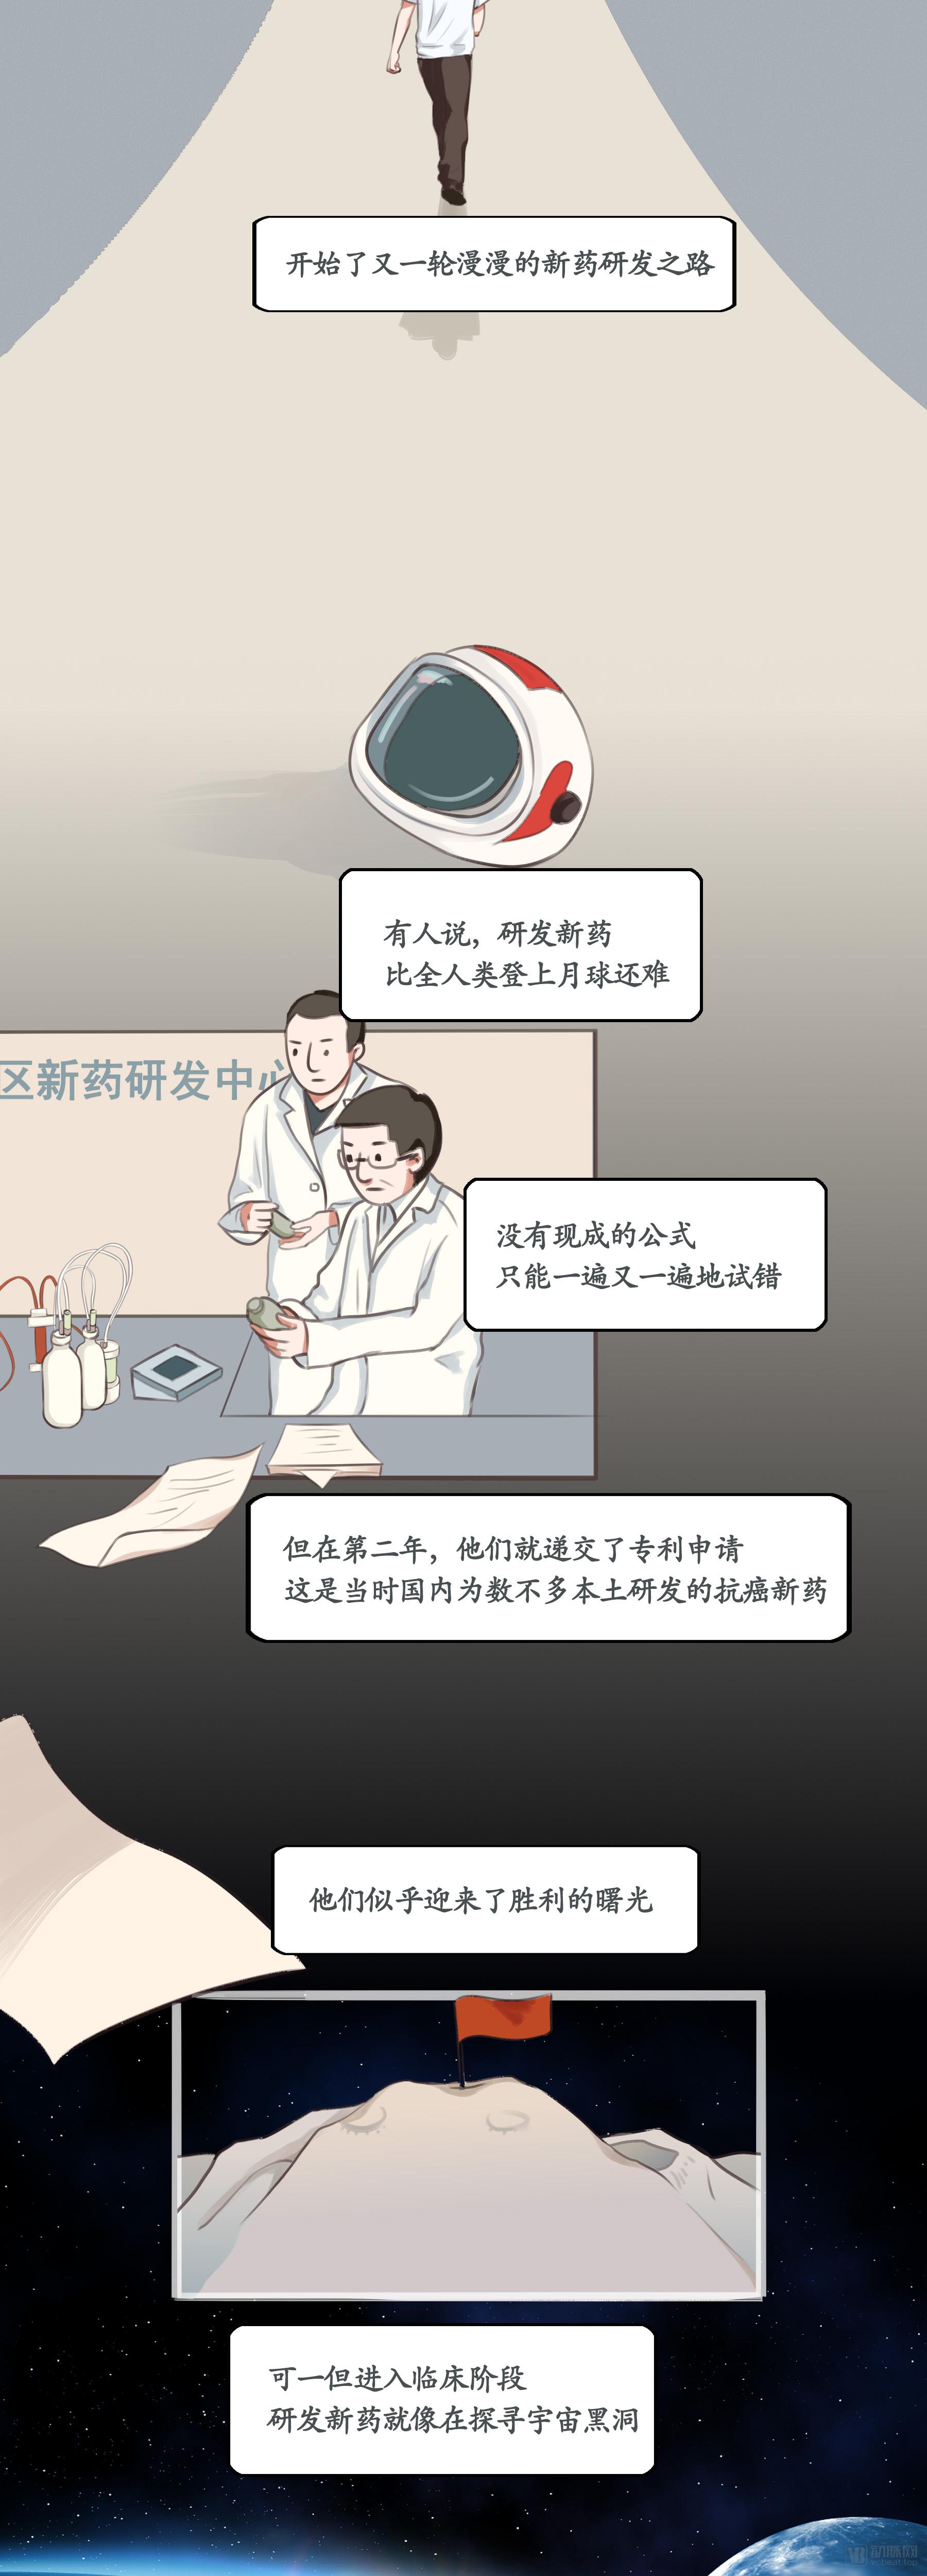 新药篇预览_02.jpg